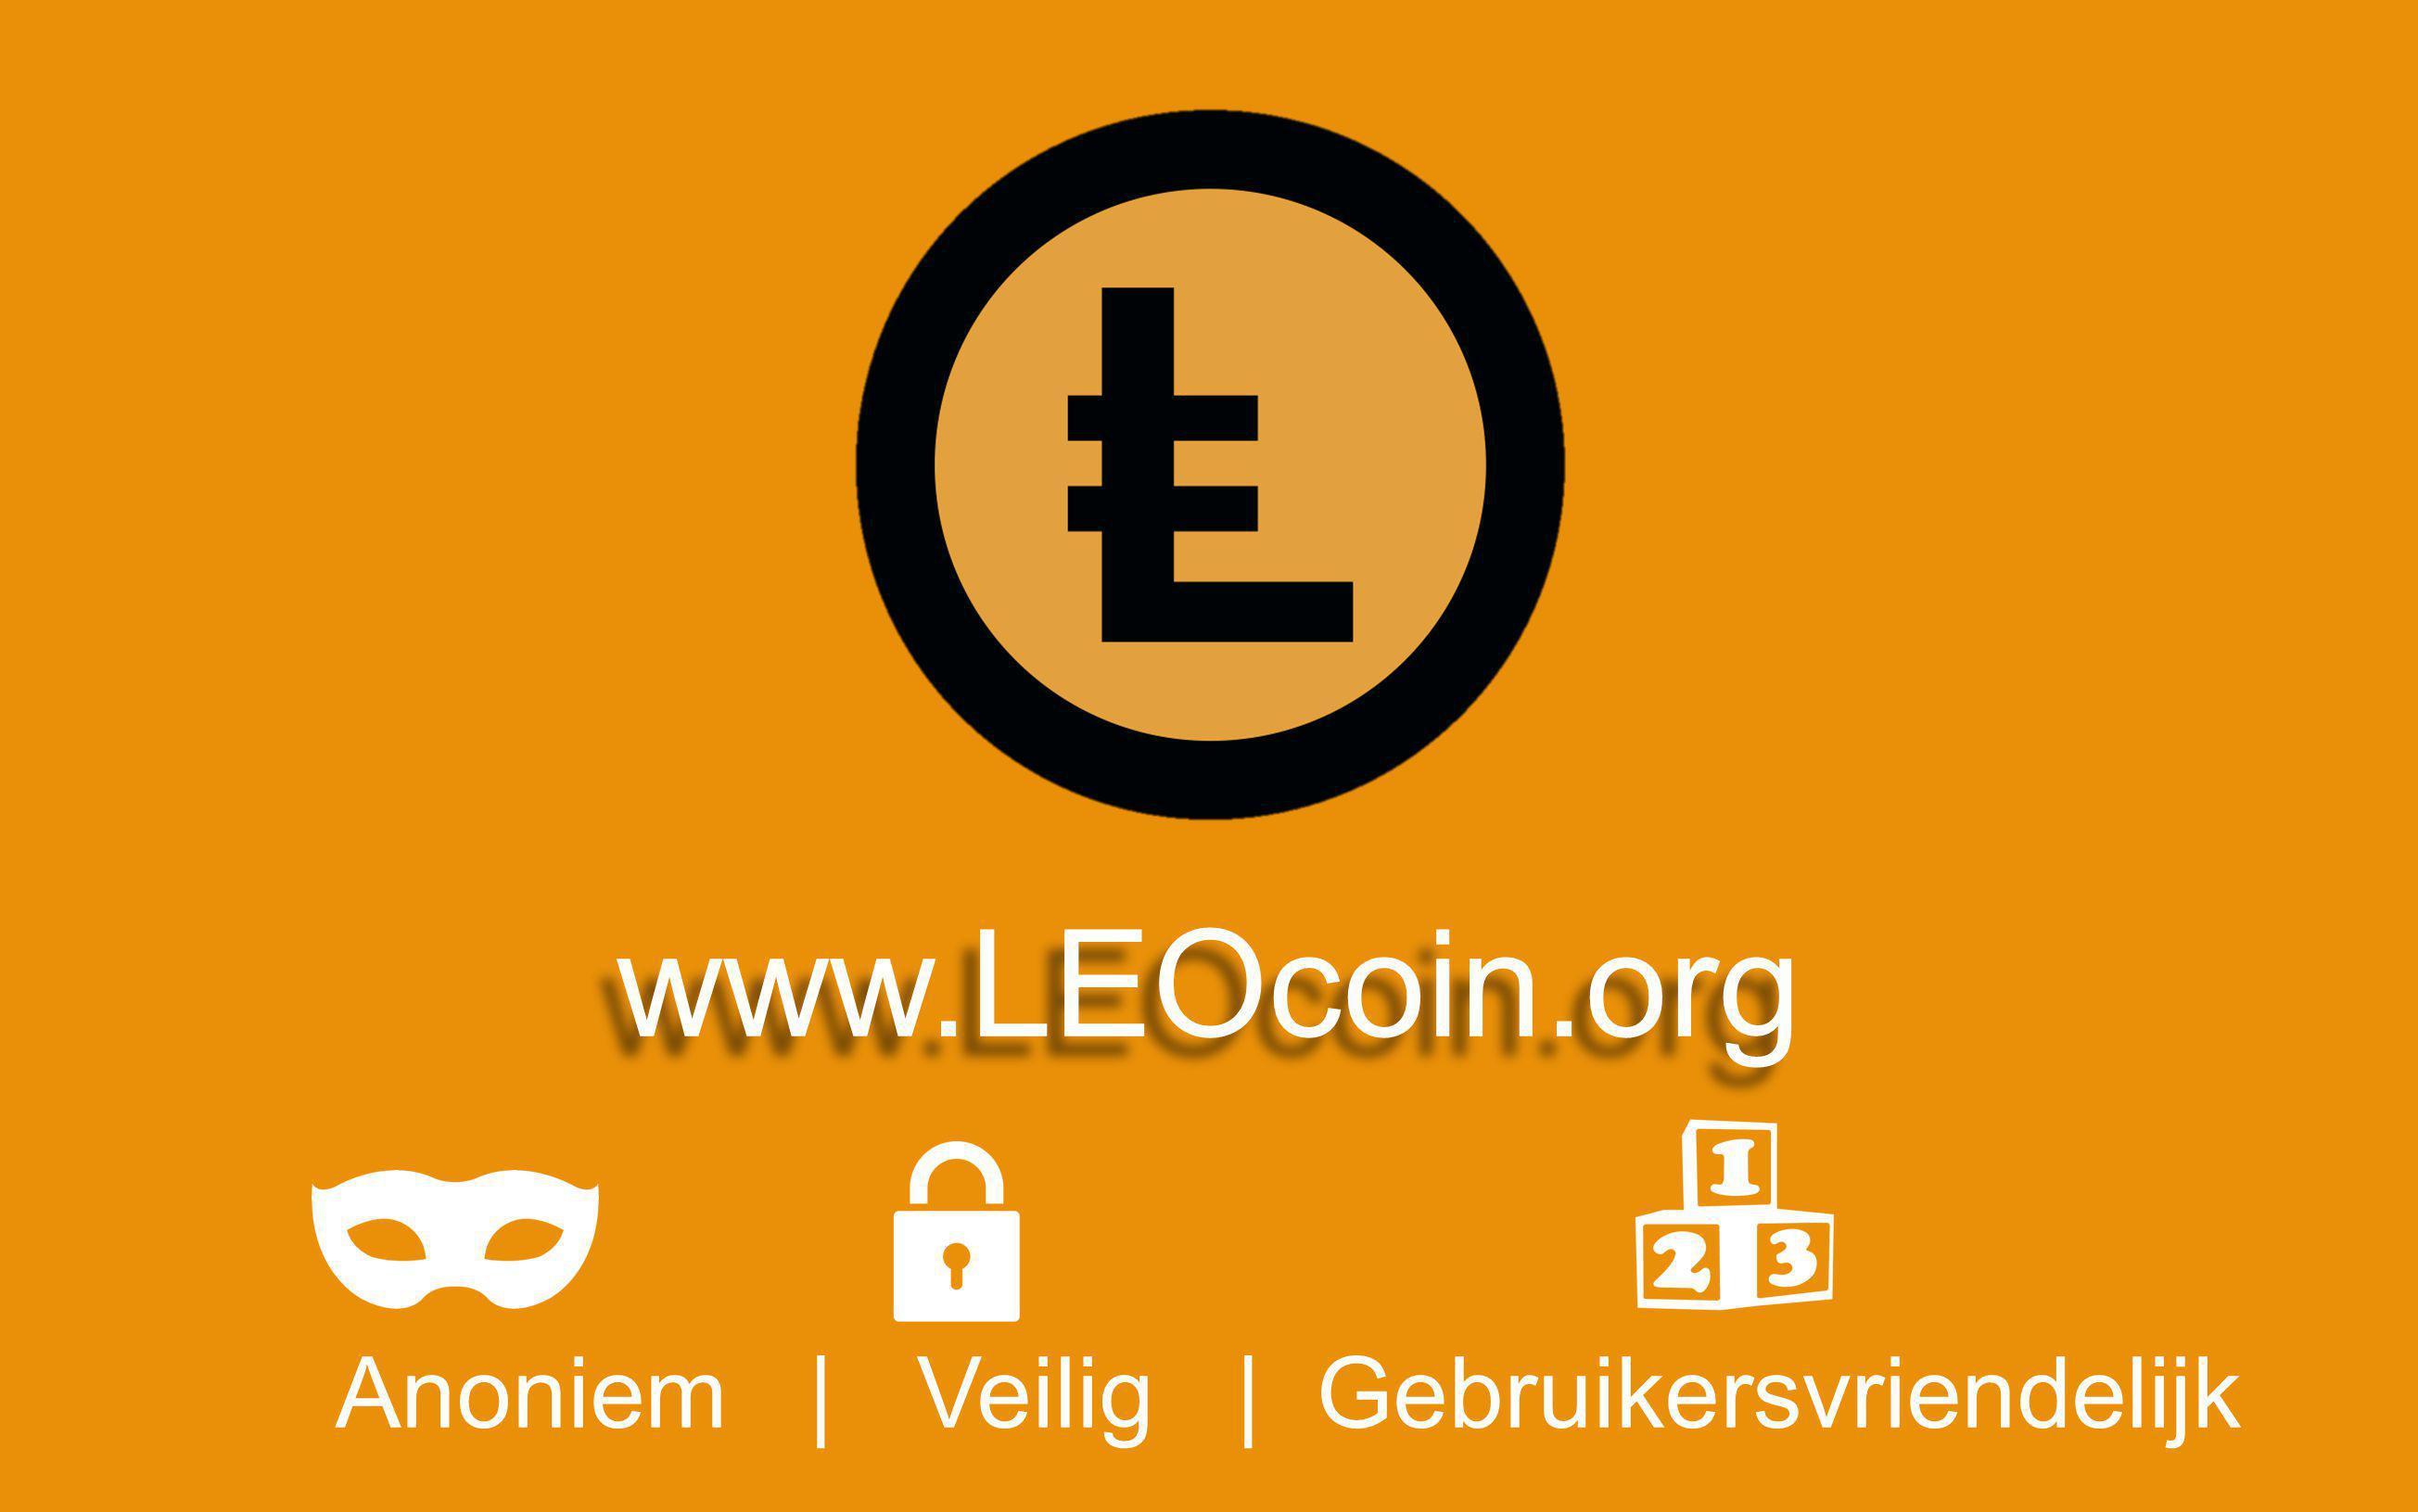 Anoniem | Veilig | Gebruikersvriendelijk www.LEOcoin.org